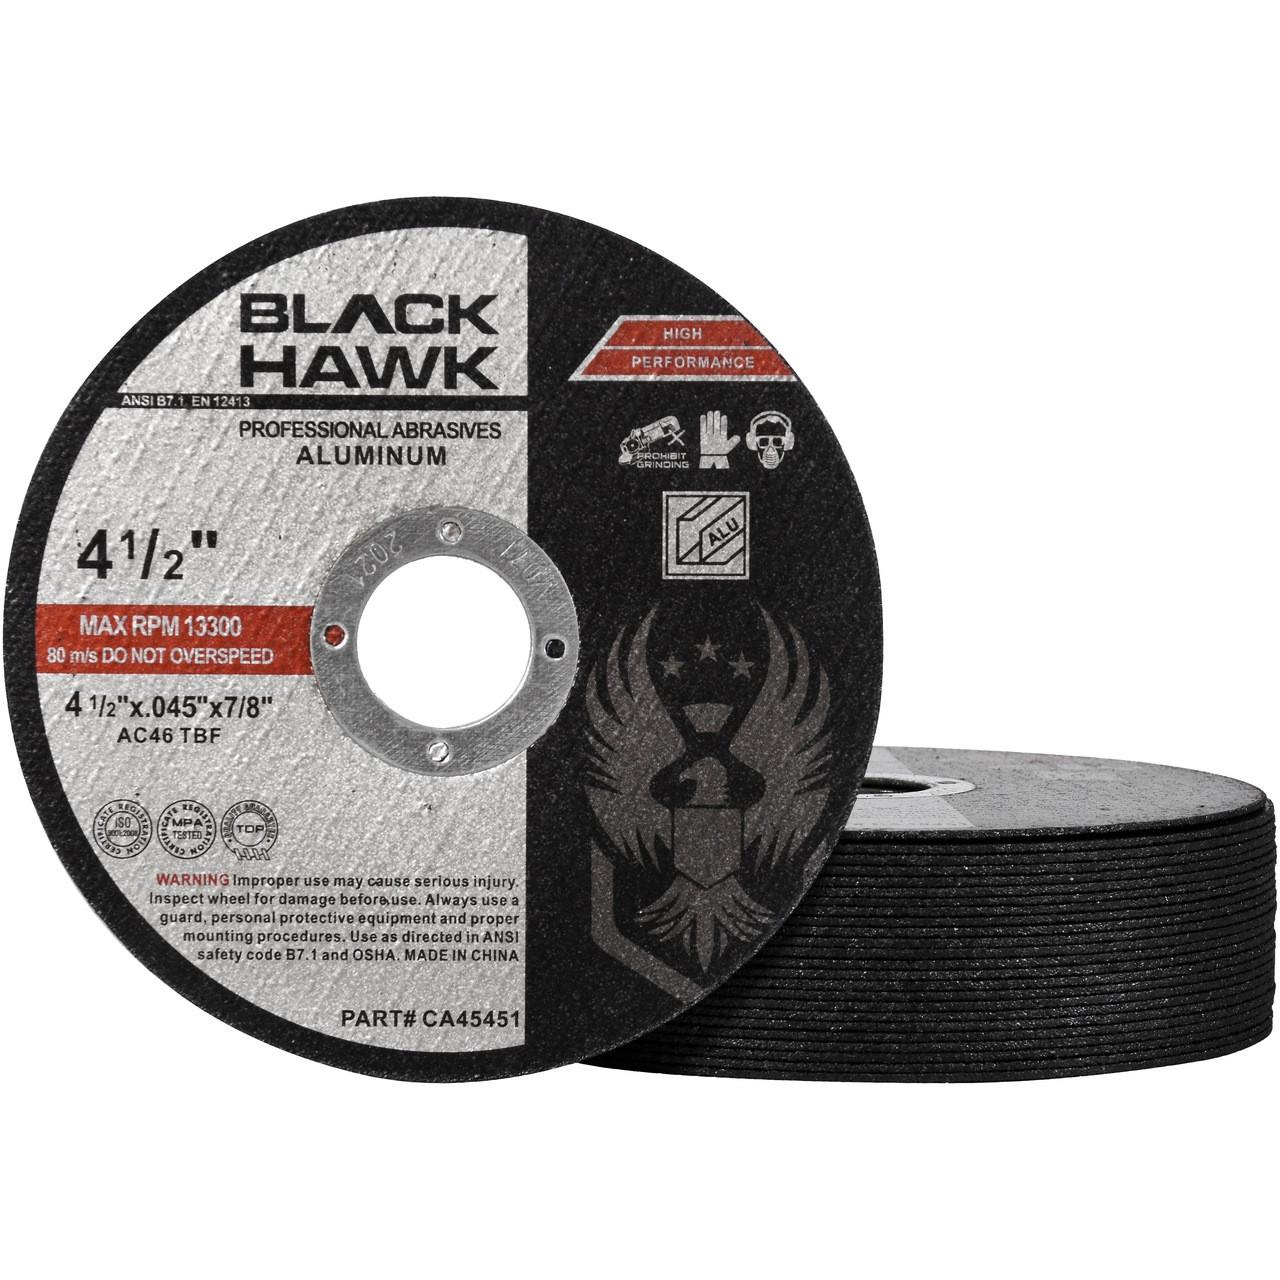 4-1/2 aluminum cut off wheel